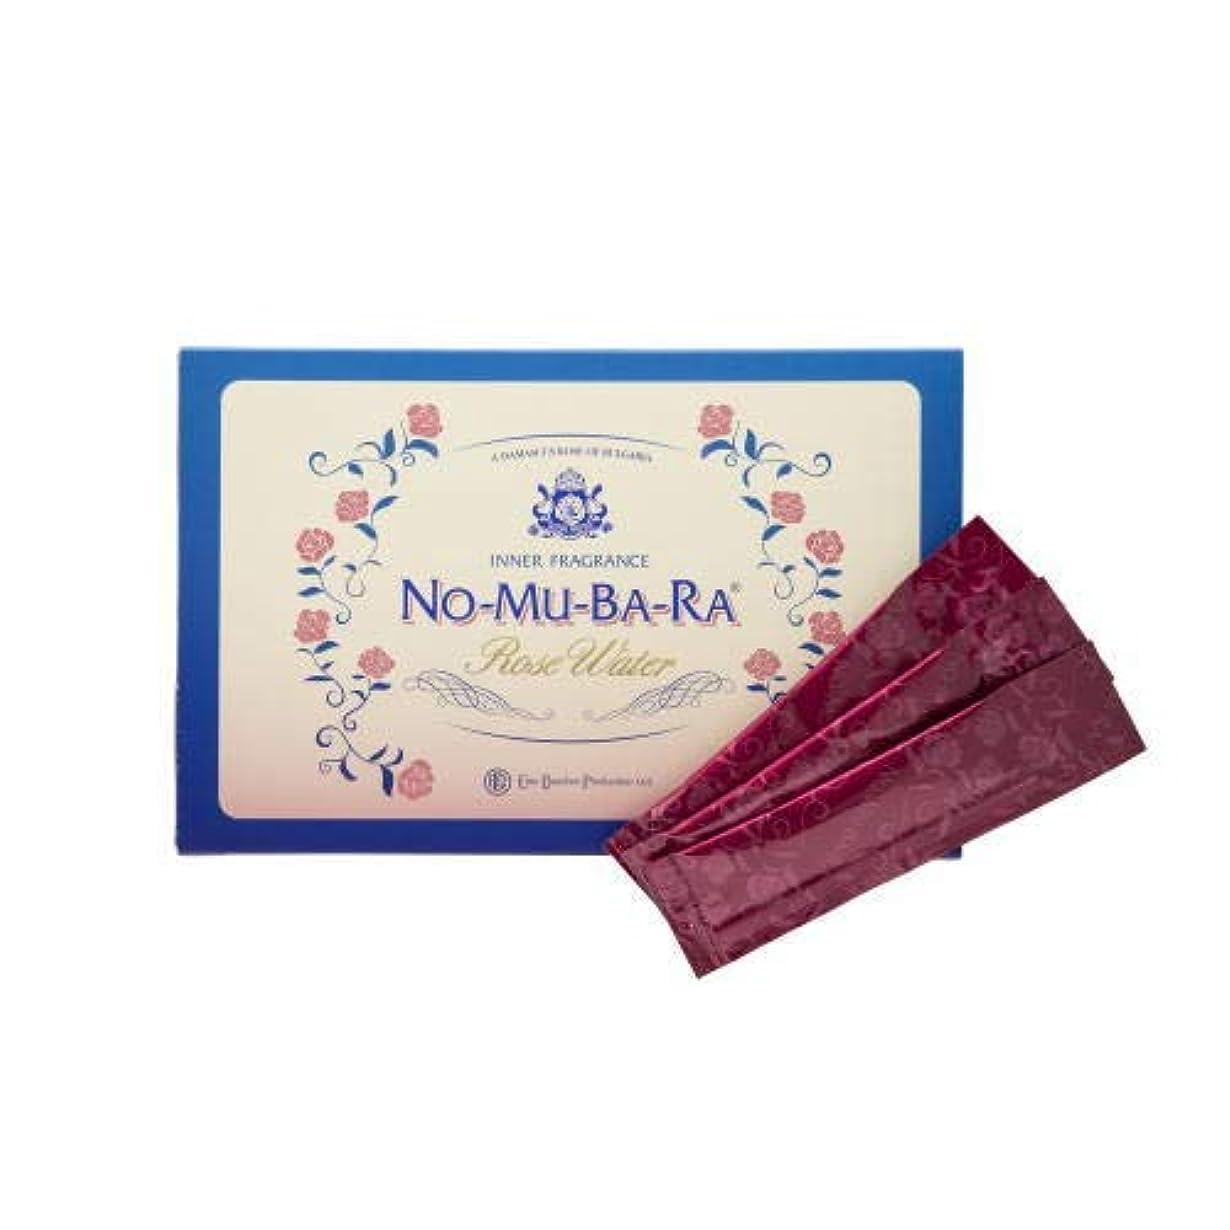 盲信独創的未使用NO-MU-BA-RA NO-MU-BA-RA(ノムバラ)(35包入)×2箱【モンドセレクション受賞】